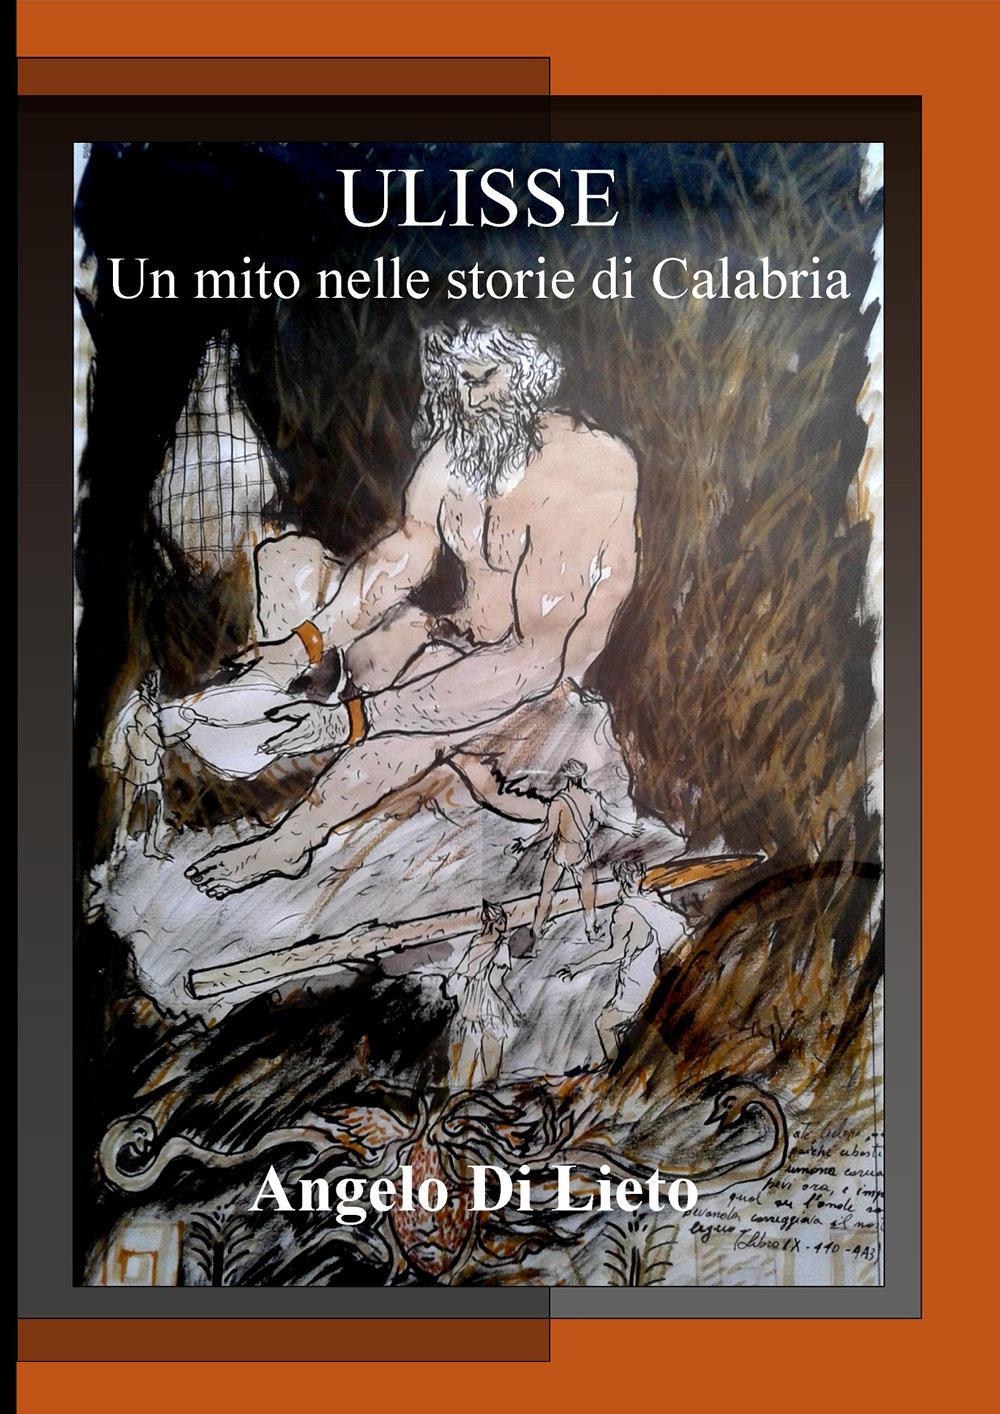 Ulisse. Un mito nelle storie di Calabria